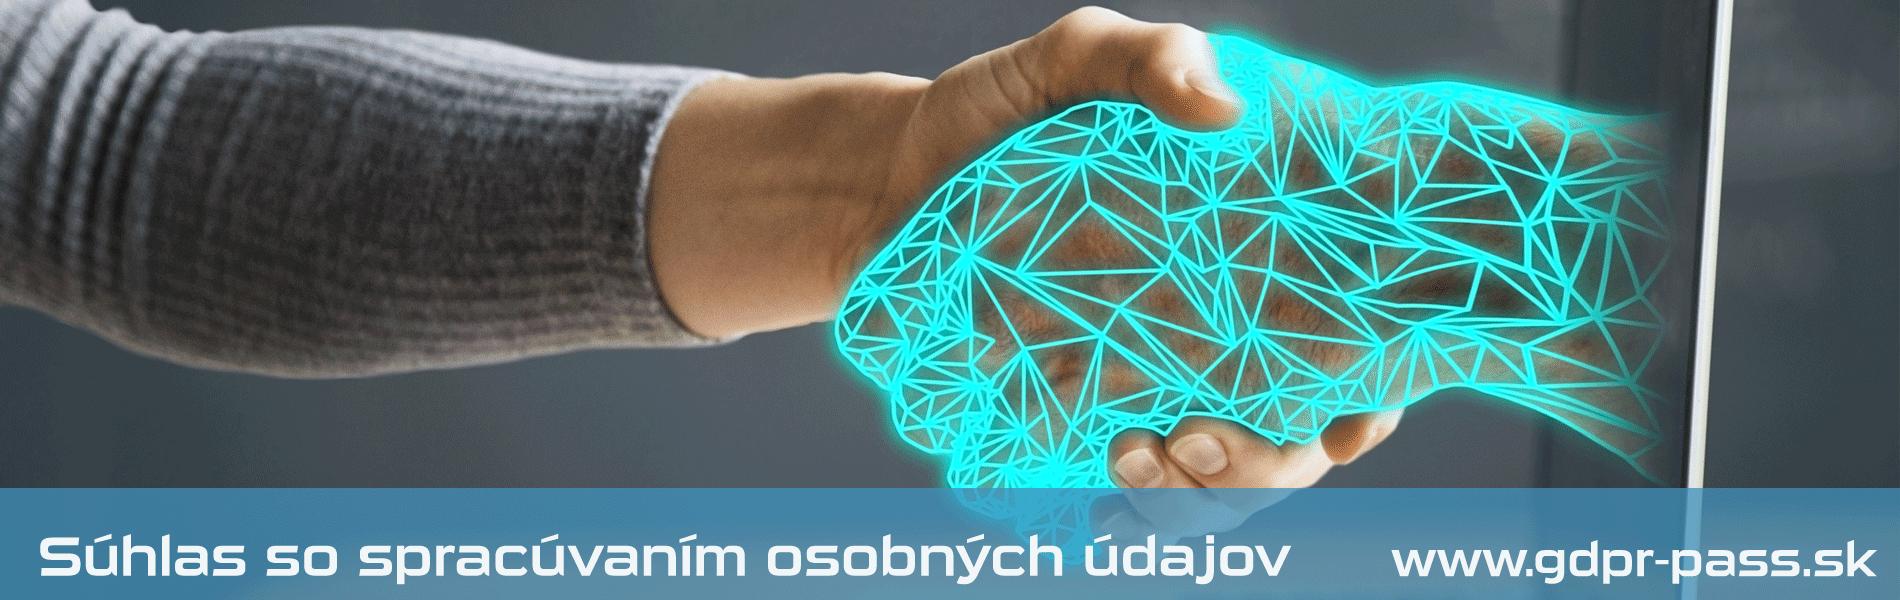 Súhlas so spracúvaním osobných údajov | GDPR-PASS.sk